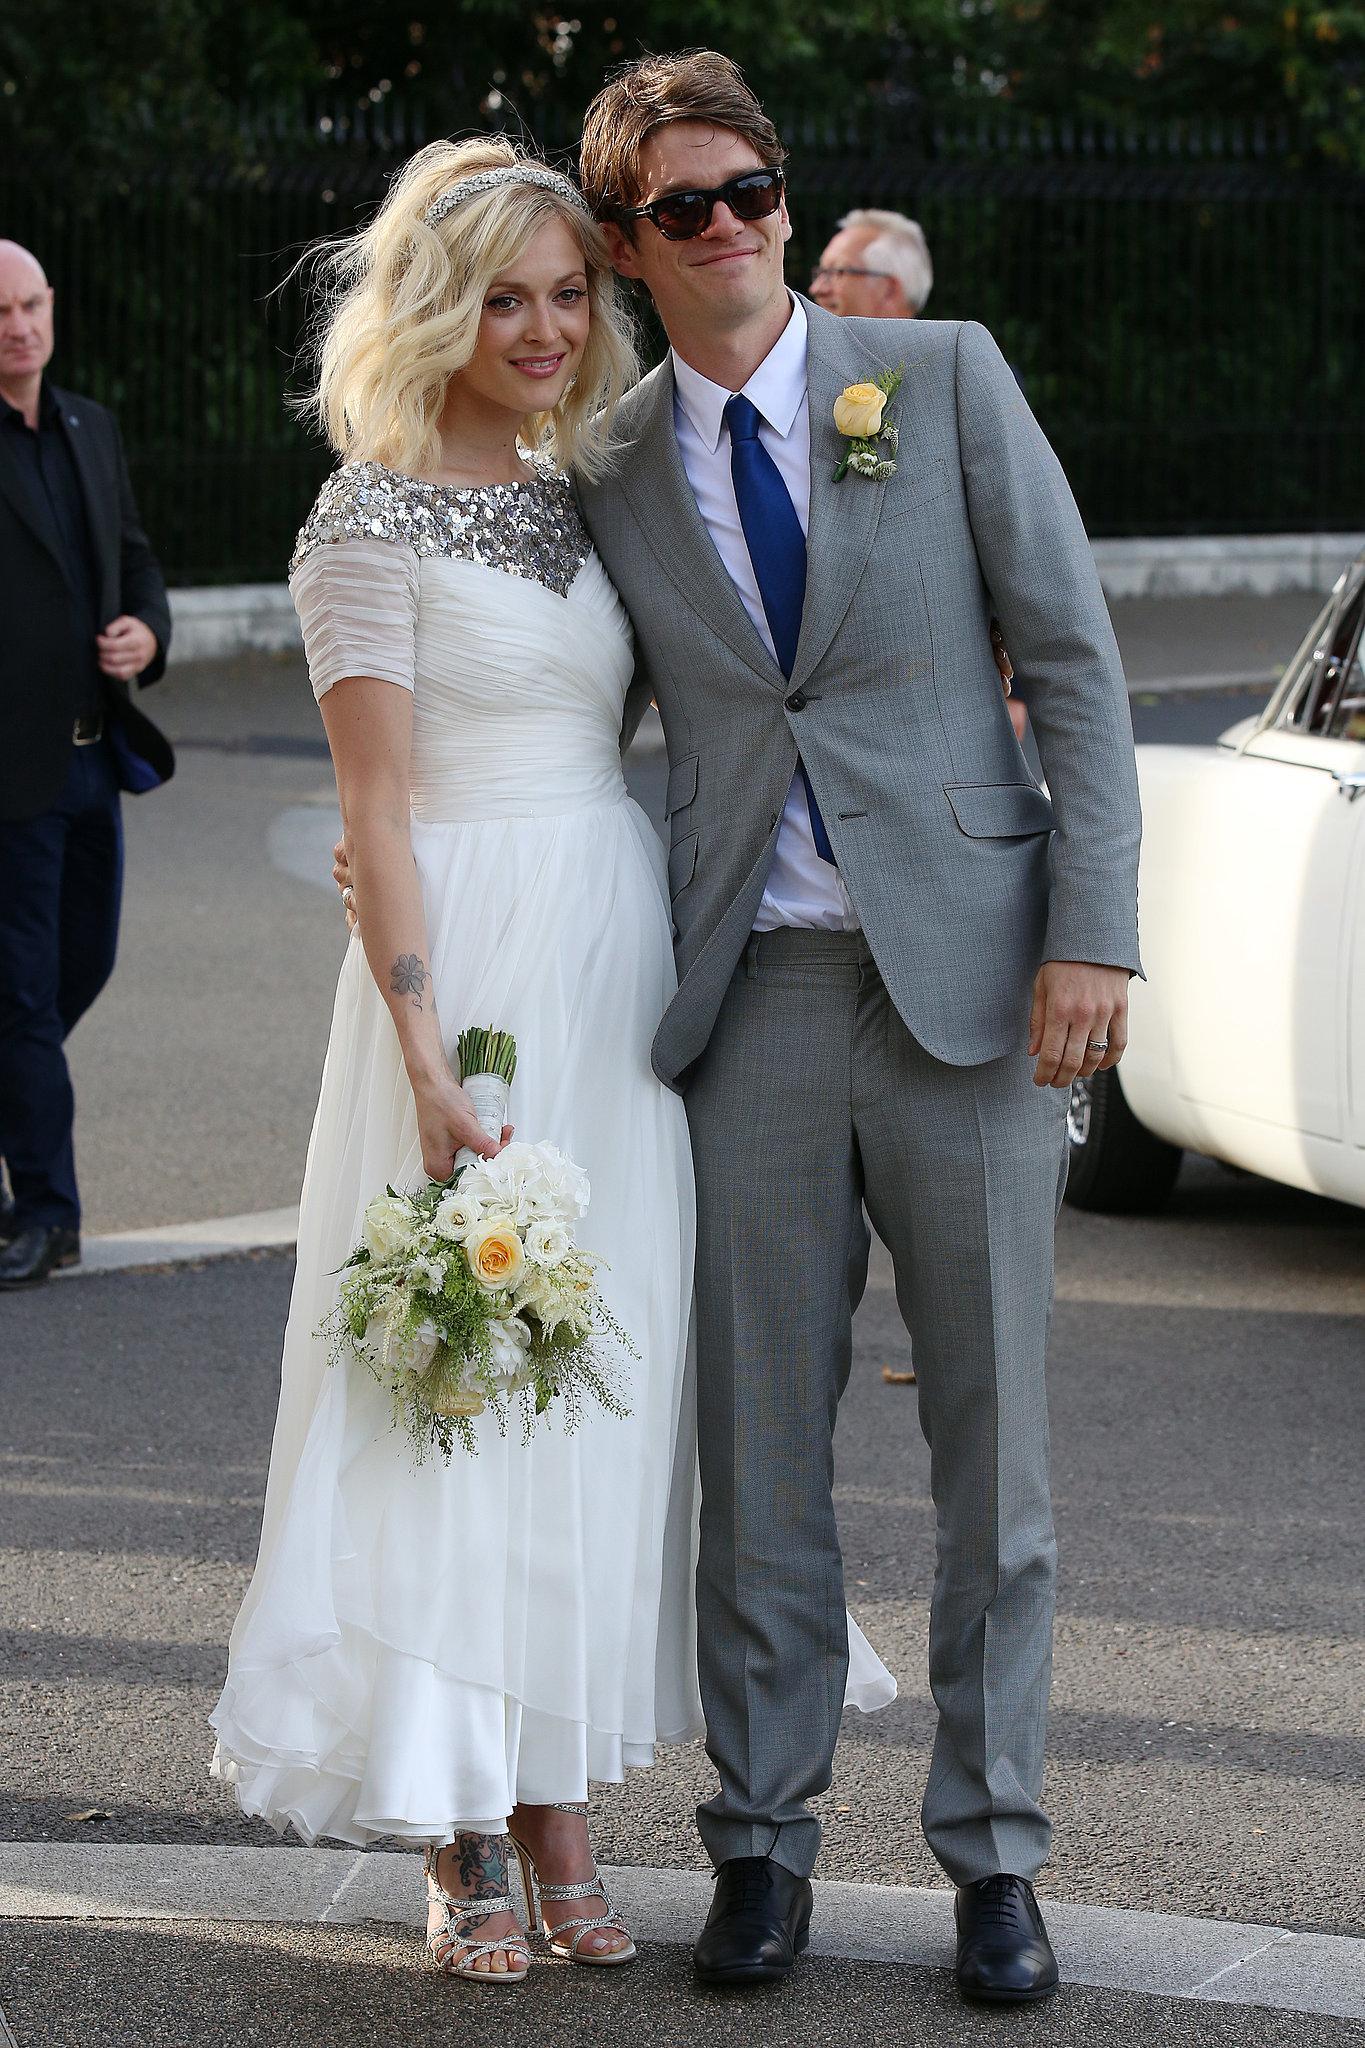 Fearne Cotton marries Jesse Wood in London